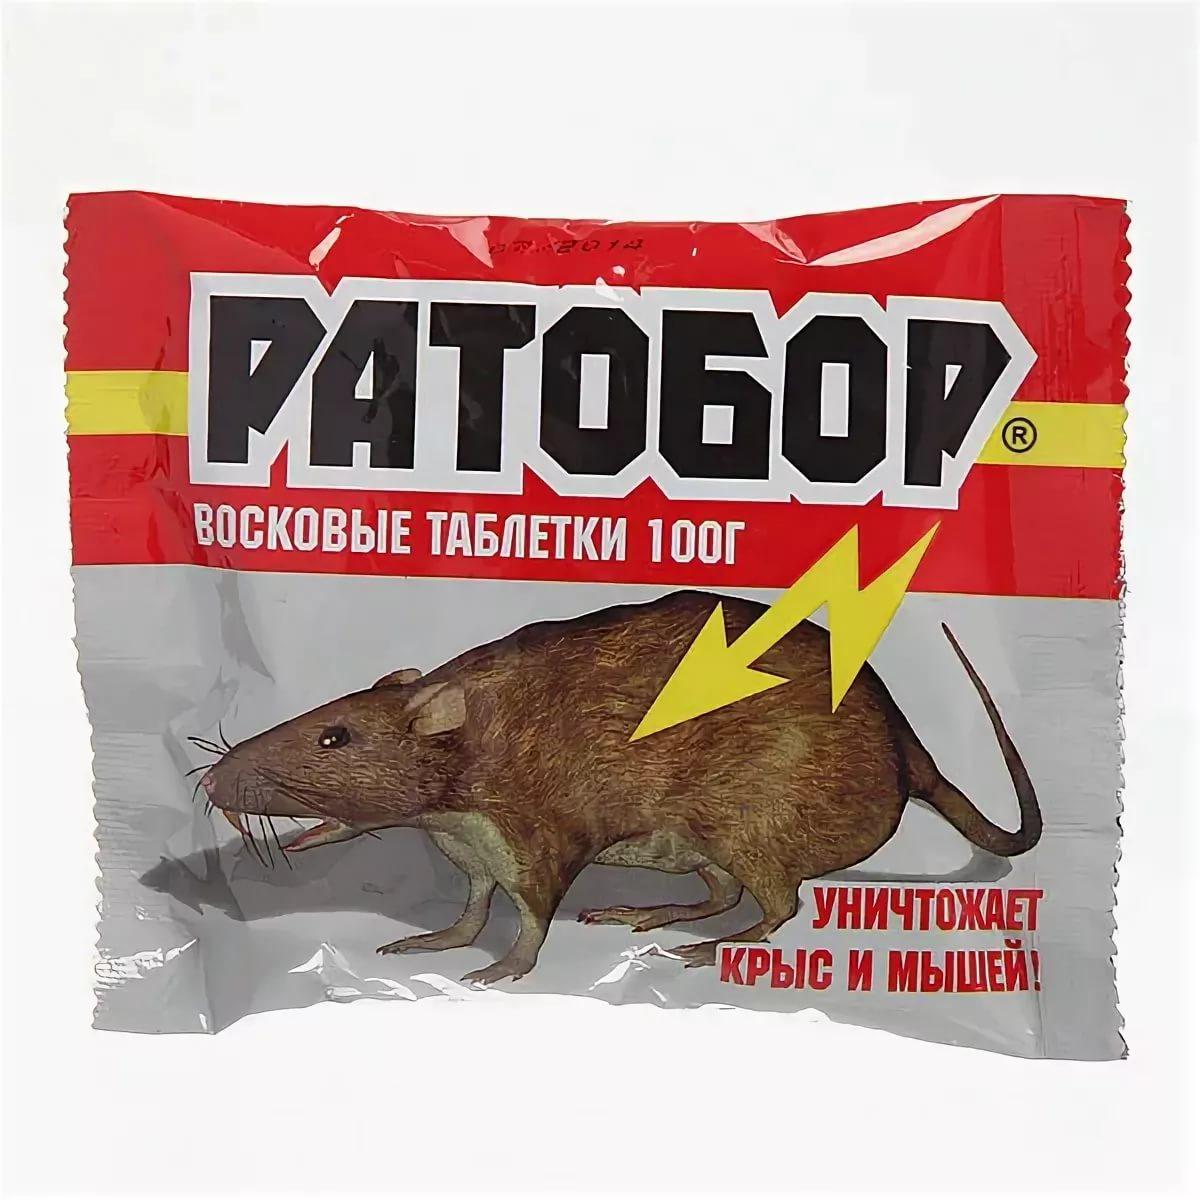 Отравы от крыс и мышей: обзор эффективных средств и их применение в домашних условиях (а также отзывы)